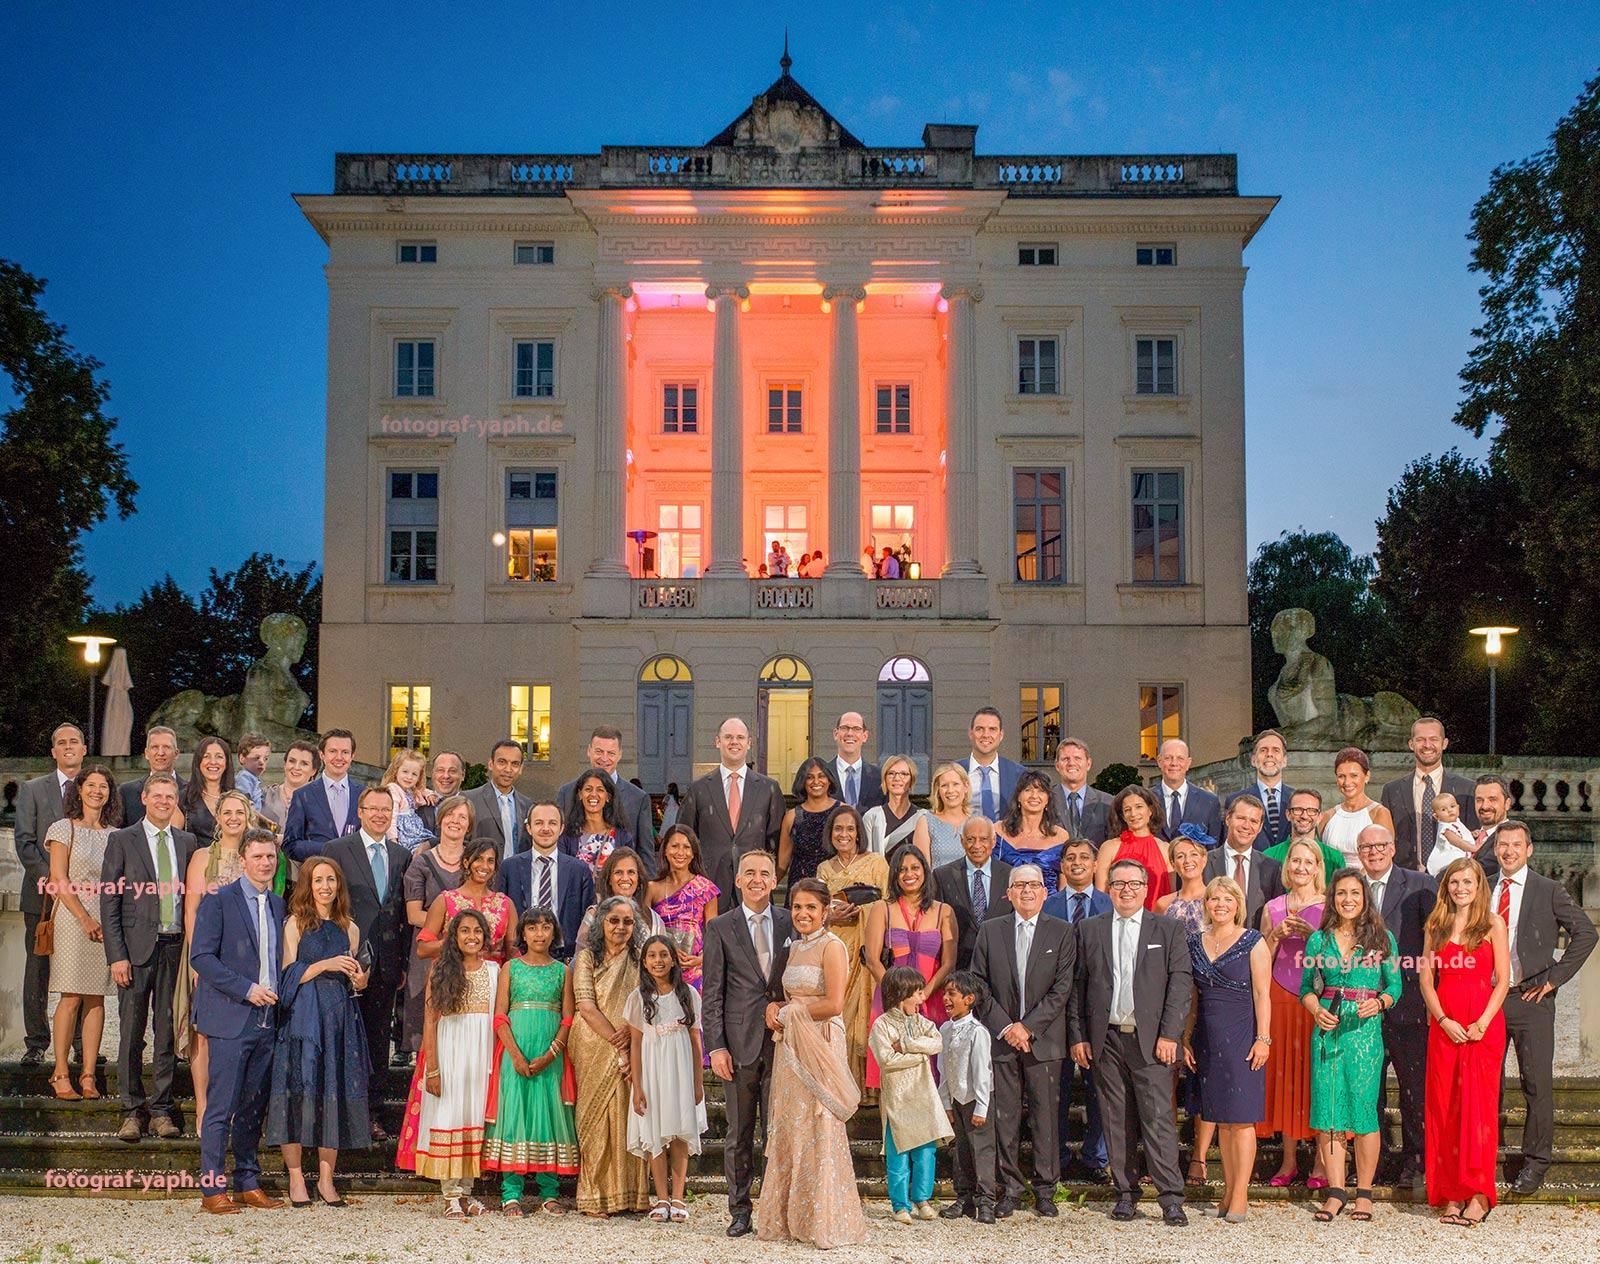 Fotograf für Hochzeiten Yaph präsentiert ein Gruppenfoto mit dem Brautpaar und der Hochzeitsgesellschaft vor dem Schloss Monaise in Trier.